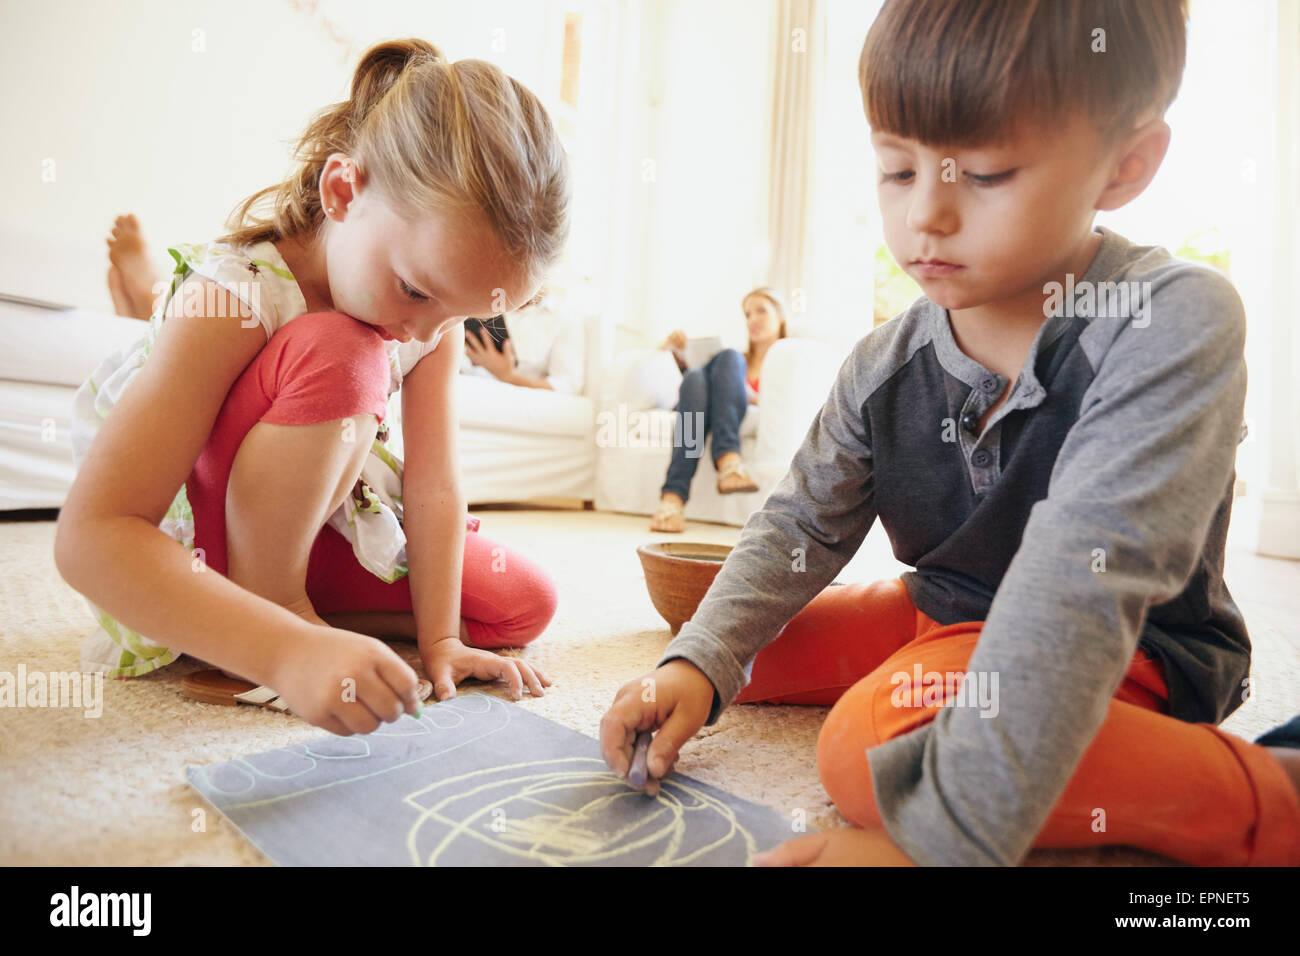 Piccoli fratellini il disegno di una foto con il gesso colori. Carino bambini seduti sul pavimento con i genitori Immagini Stock